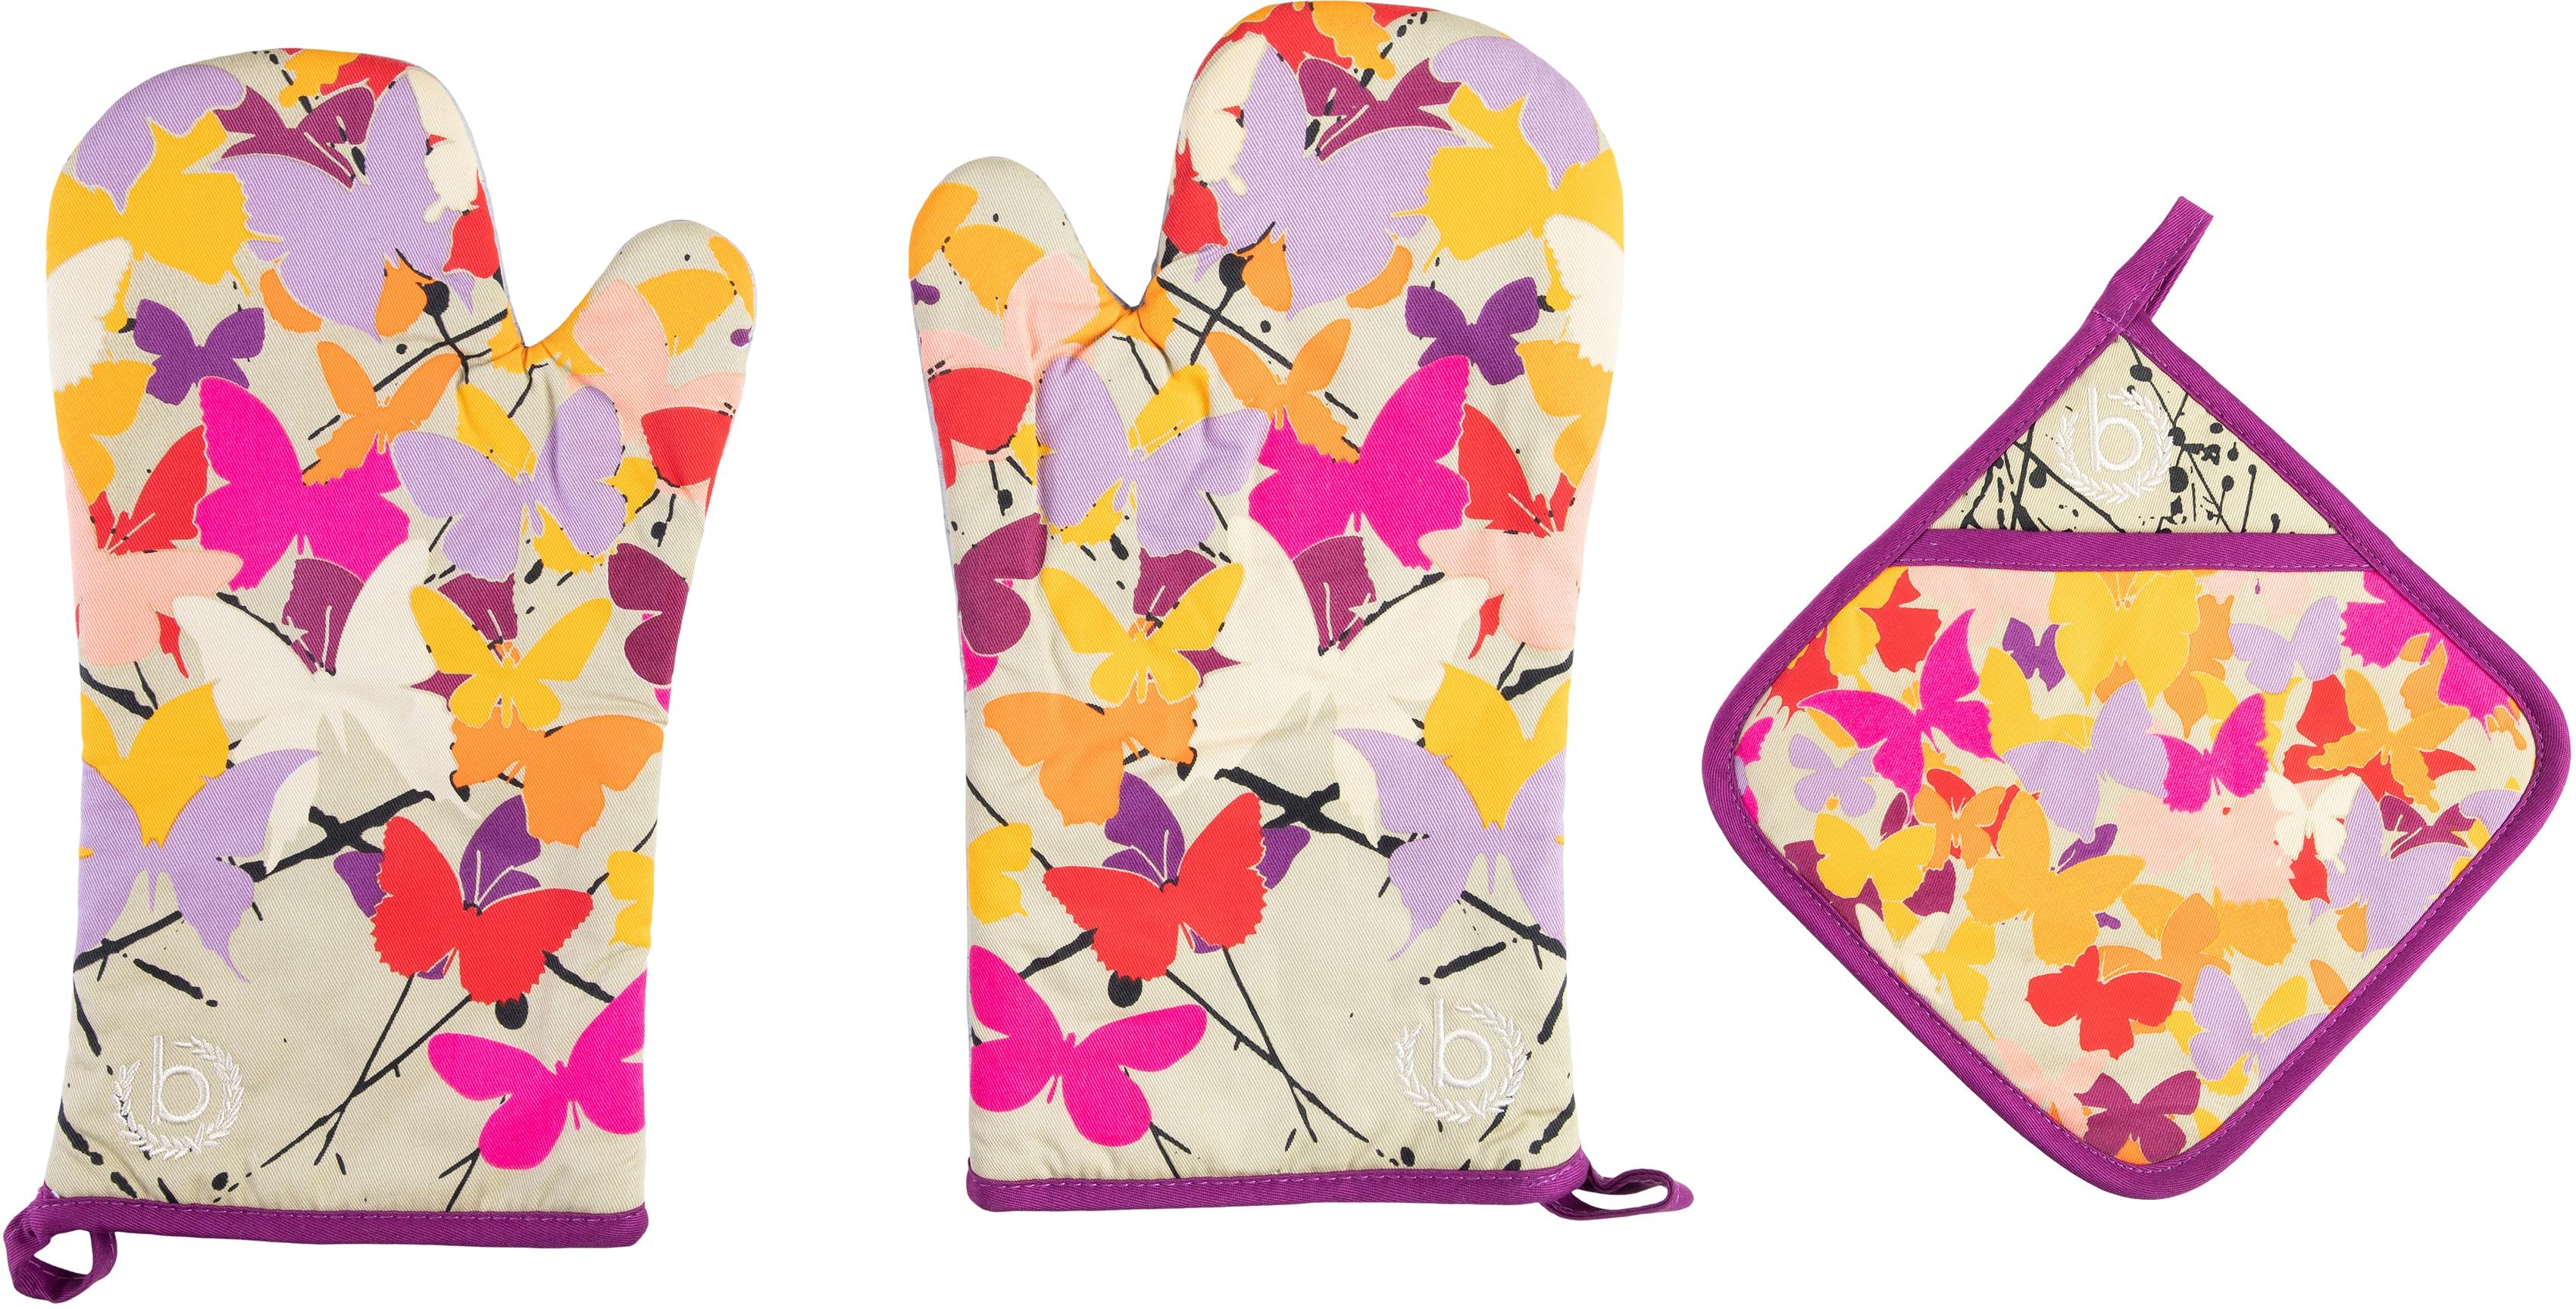 bugatti Topfhandschuhe Butterfly, (Set, 3 tlg., bestehend aus 2x Ofenhandschuh, 1x Topflappen) bunt Topflappen und Topfhandschuh Kochen Backen Haushaltswaren